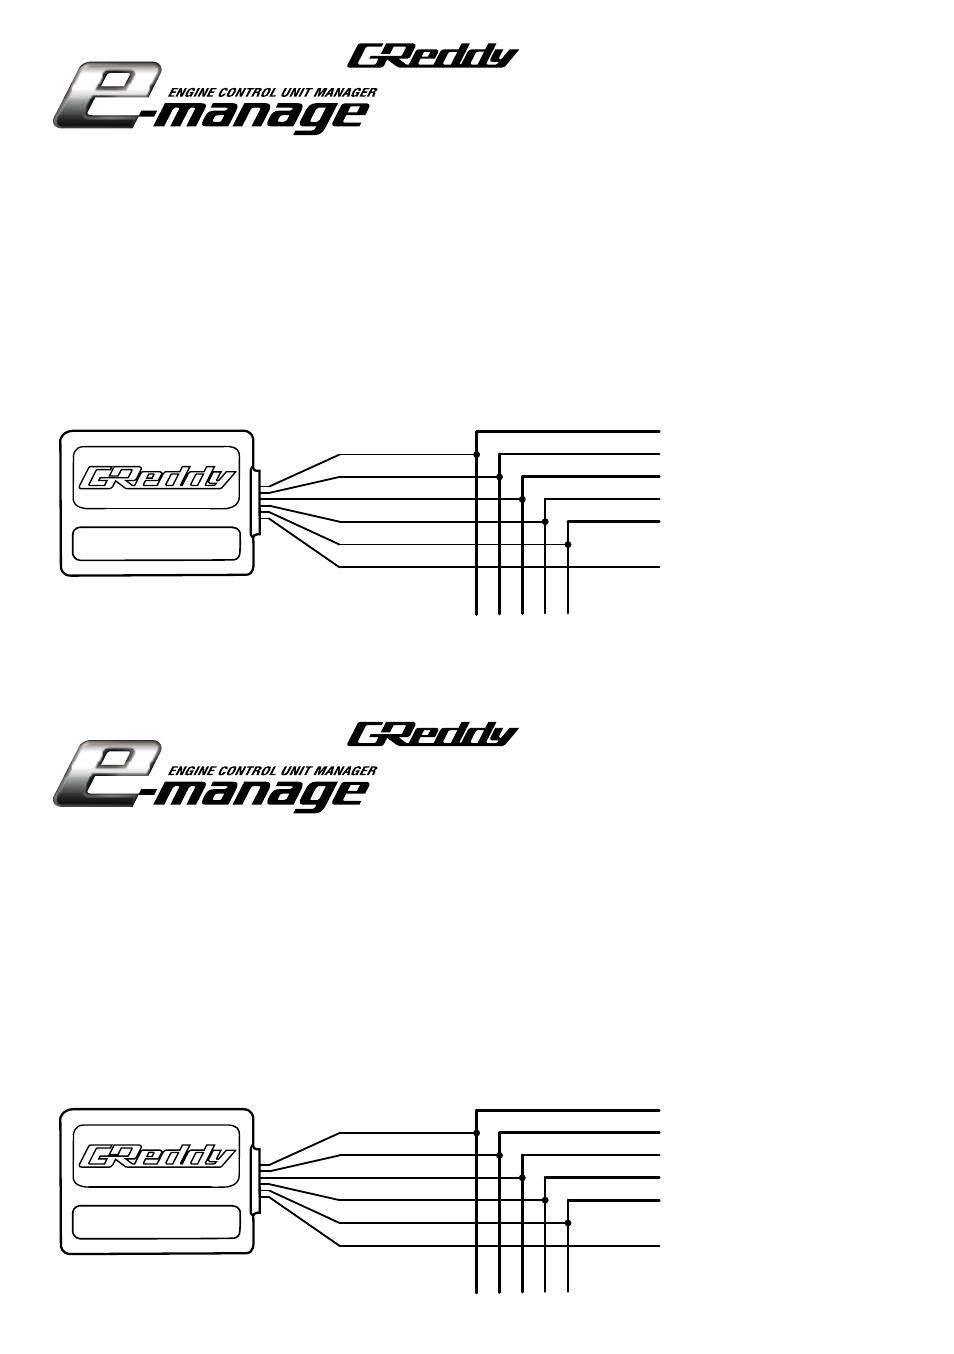 greddy e manage rpm adapter 3 user manual 1 page original mode rh manualsdir com Emanage 350Z G Reddy G Reddy Emanage Blue